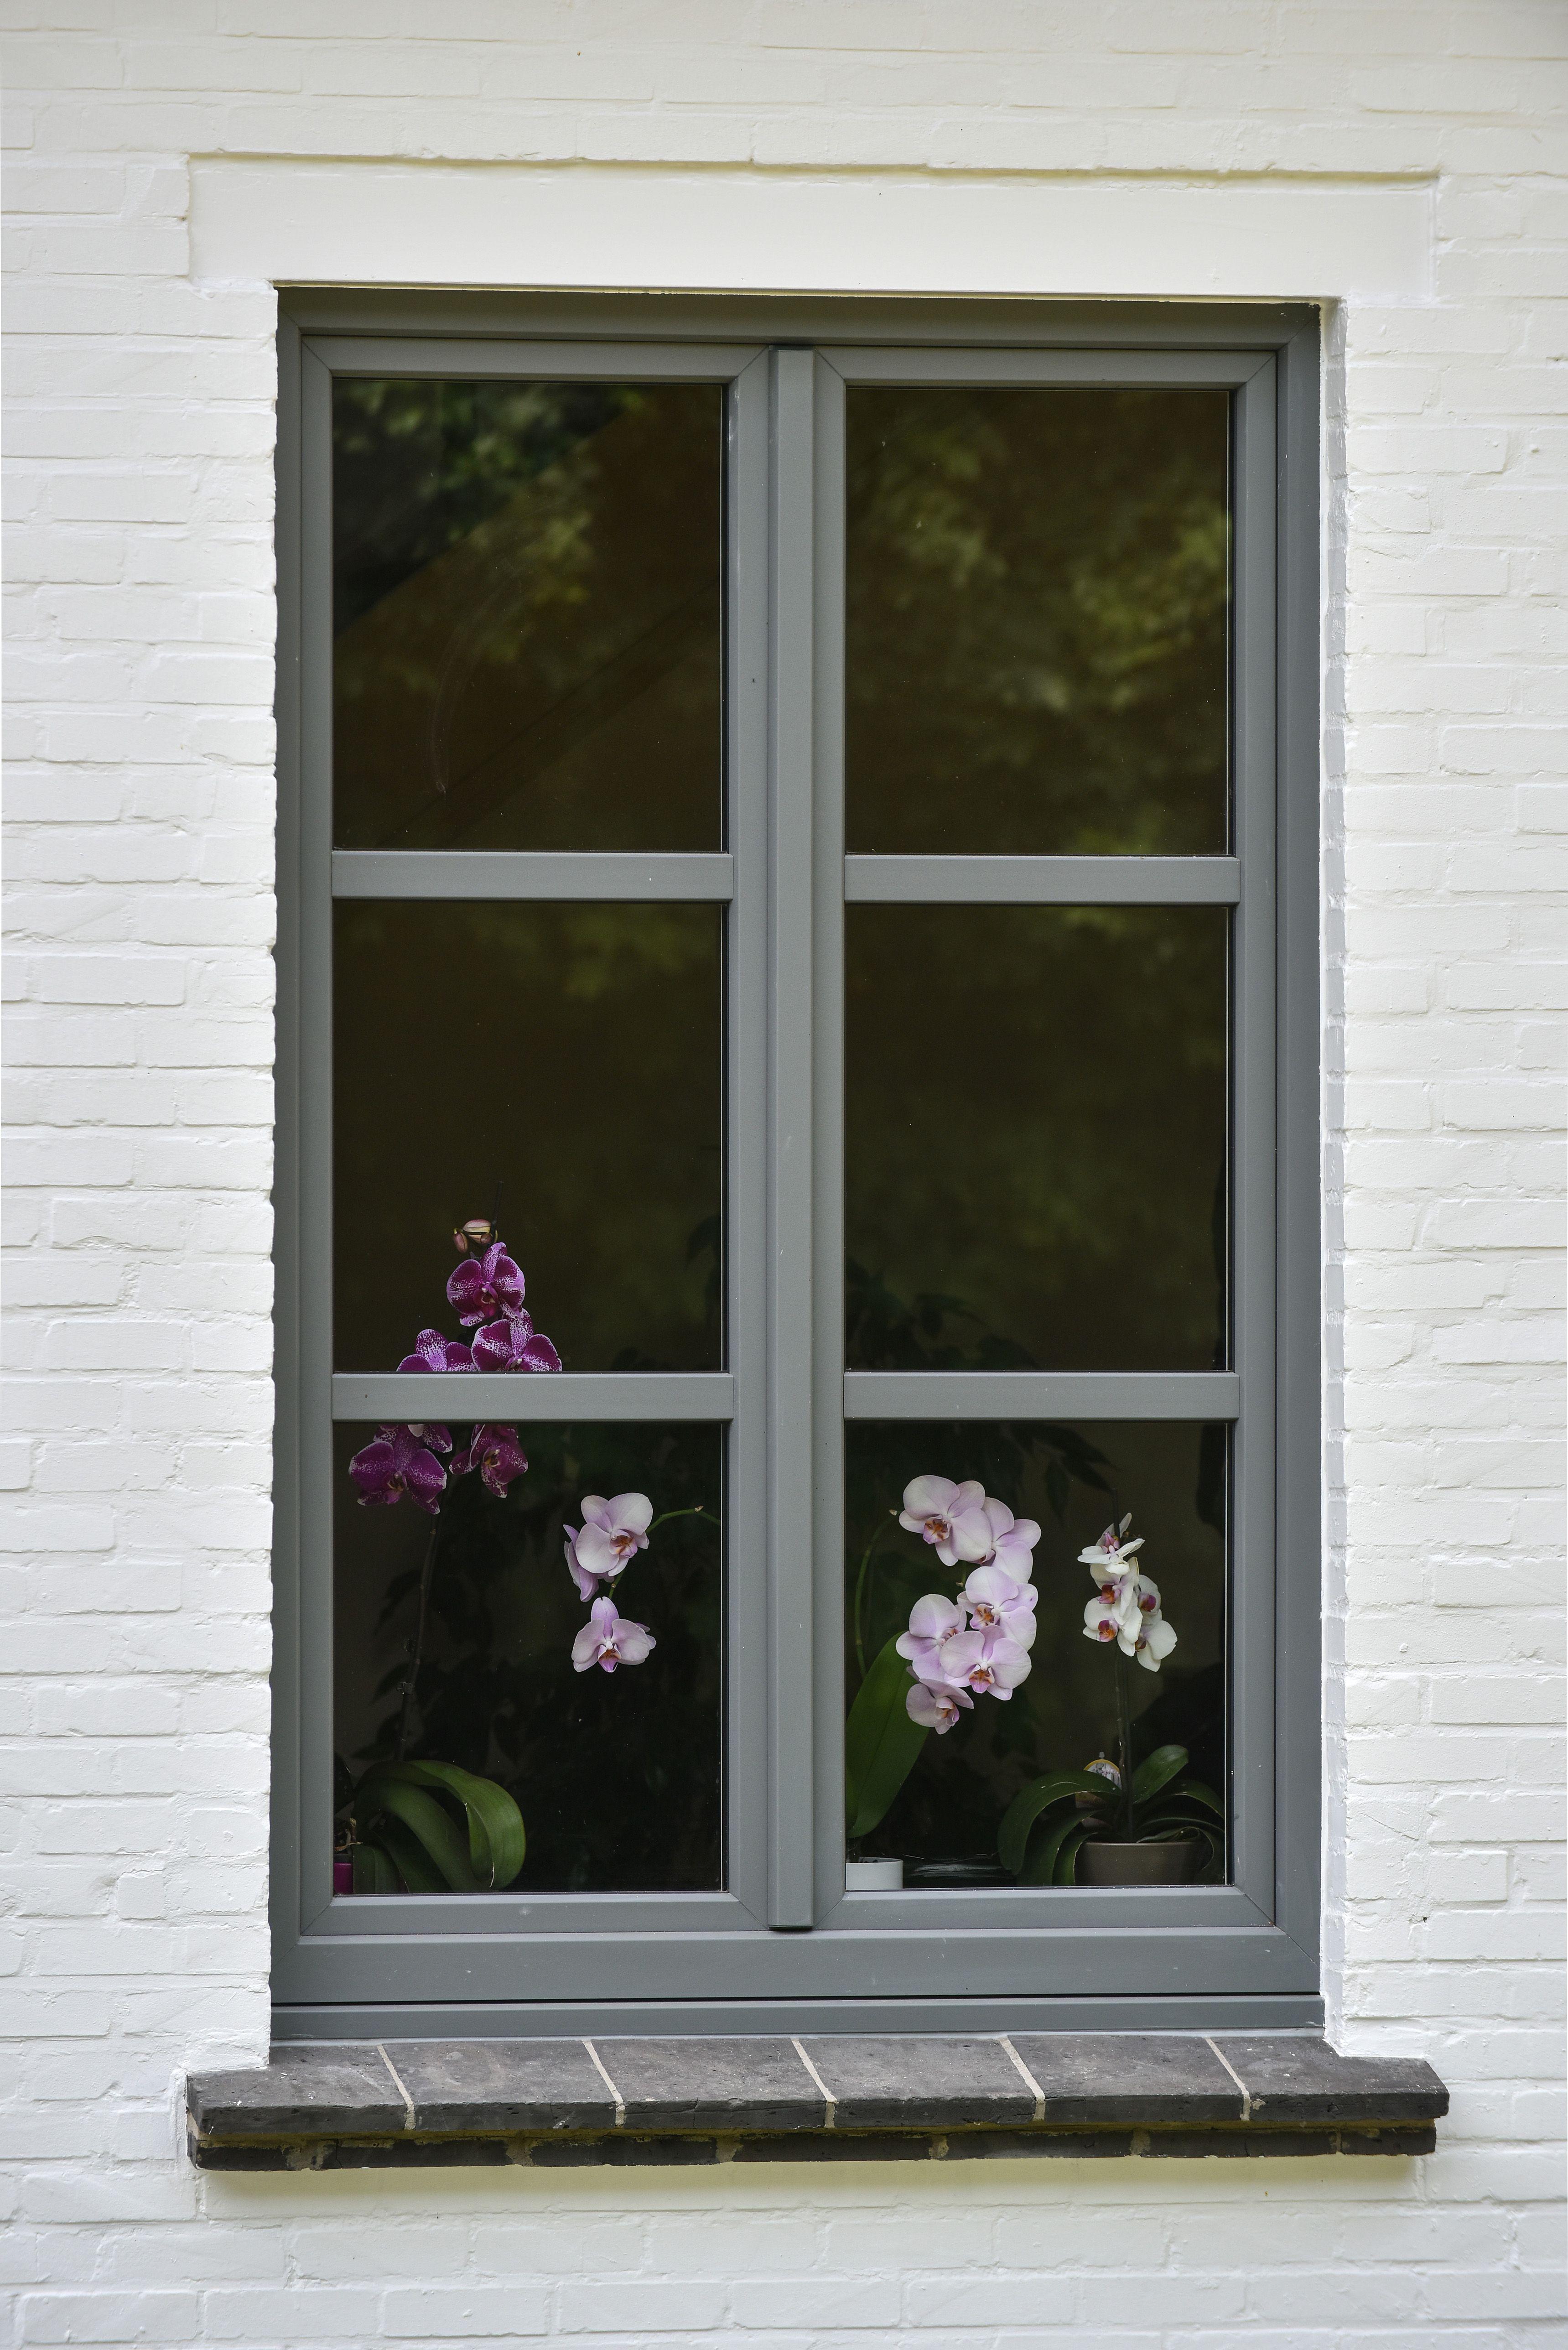 Realisation Pierret Des Orchidees Pour Donner De La Couleur Aux Fenetres Fenetre Idees Pour La Maison Fleury Les Aubrais